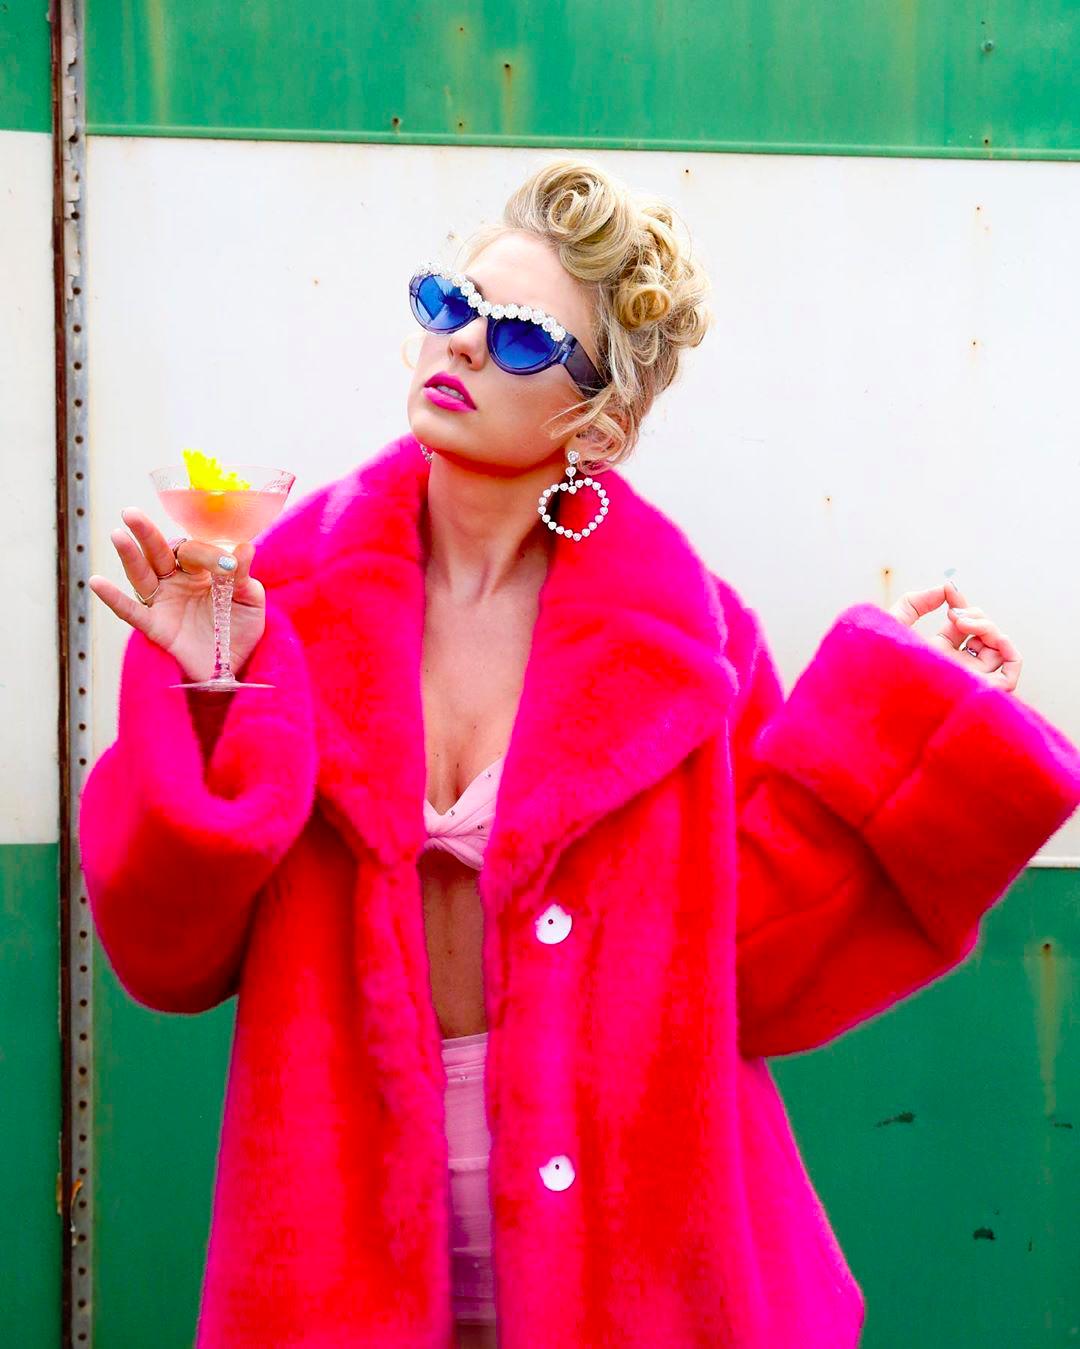 Những bộ trang phục Halloween hot-hit nhất 2019 nàng nhất định không thể bỏ qua